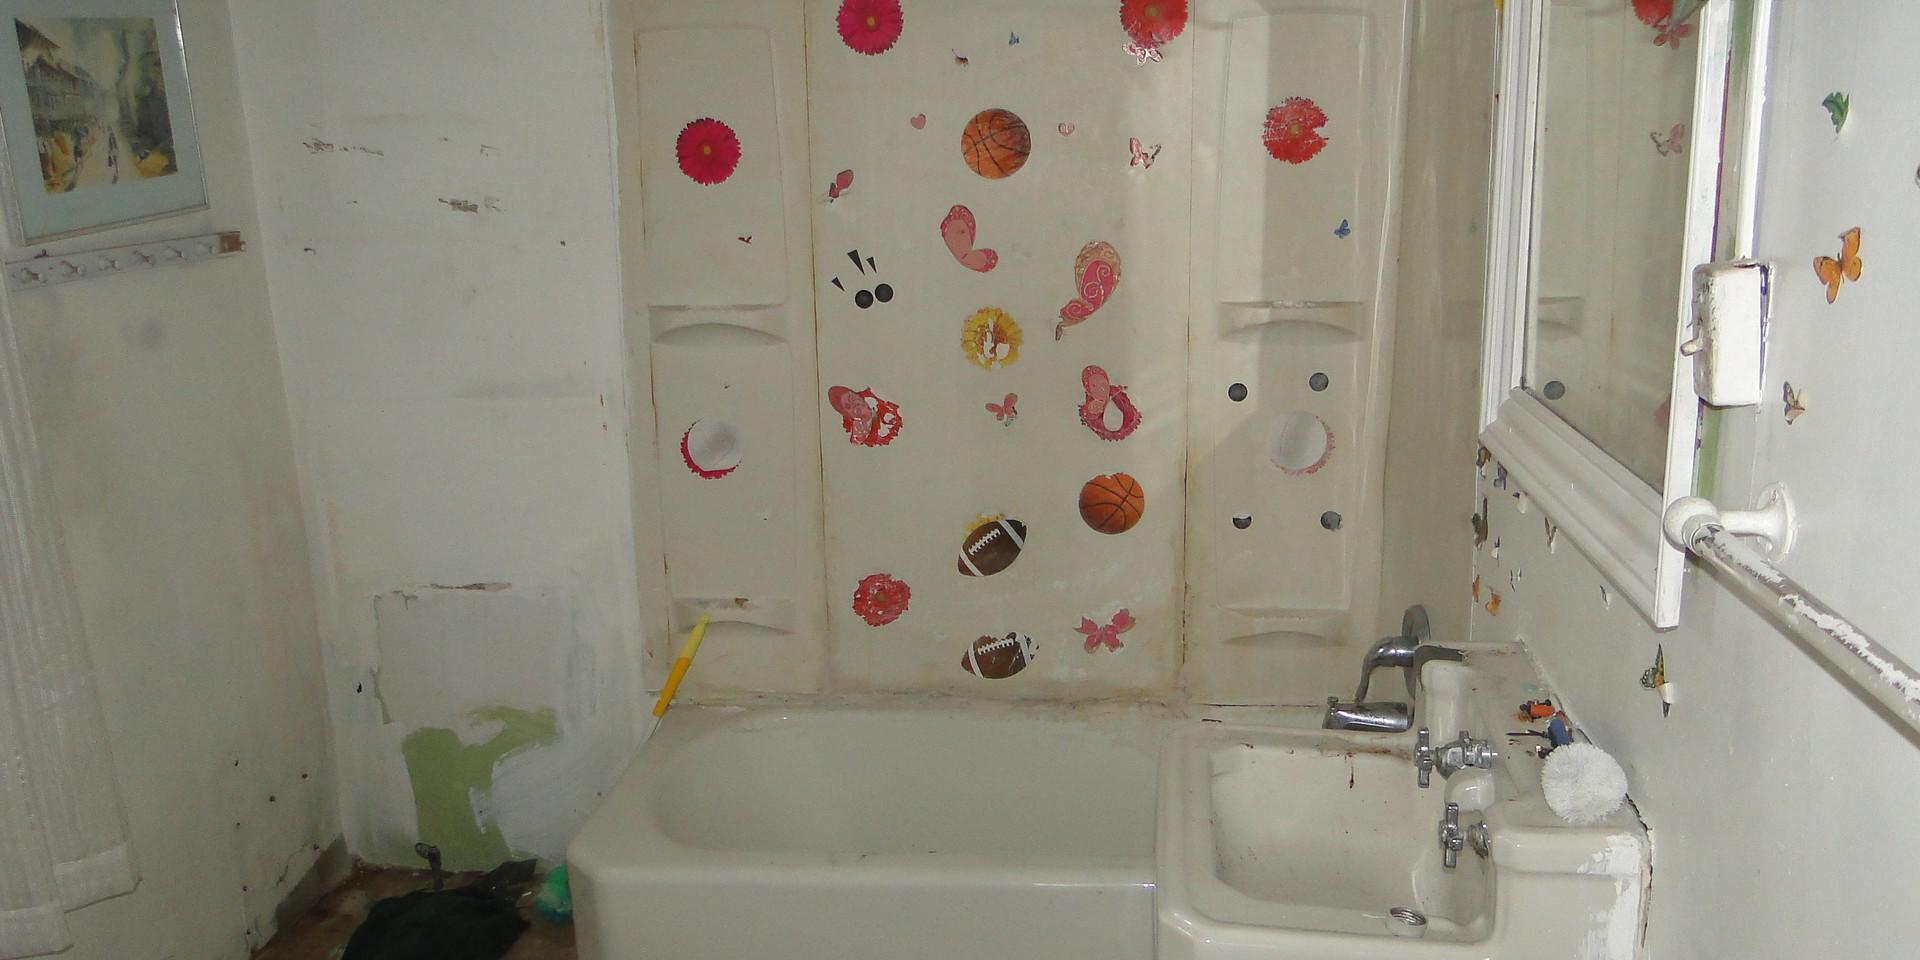 07.1 - Main Level Bath.JPG